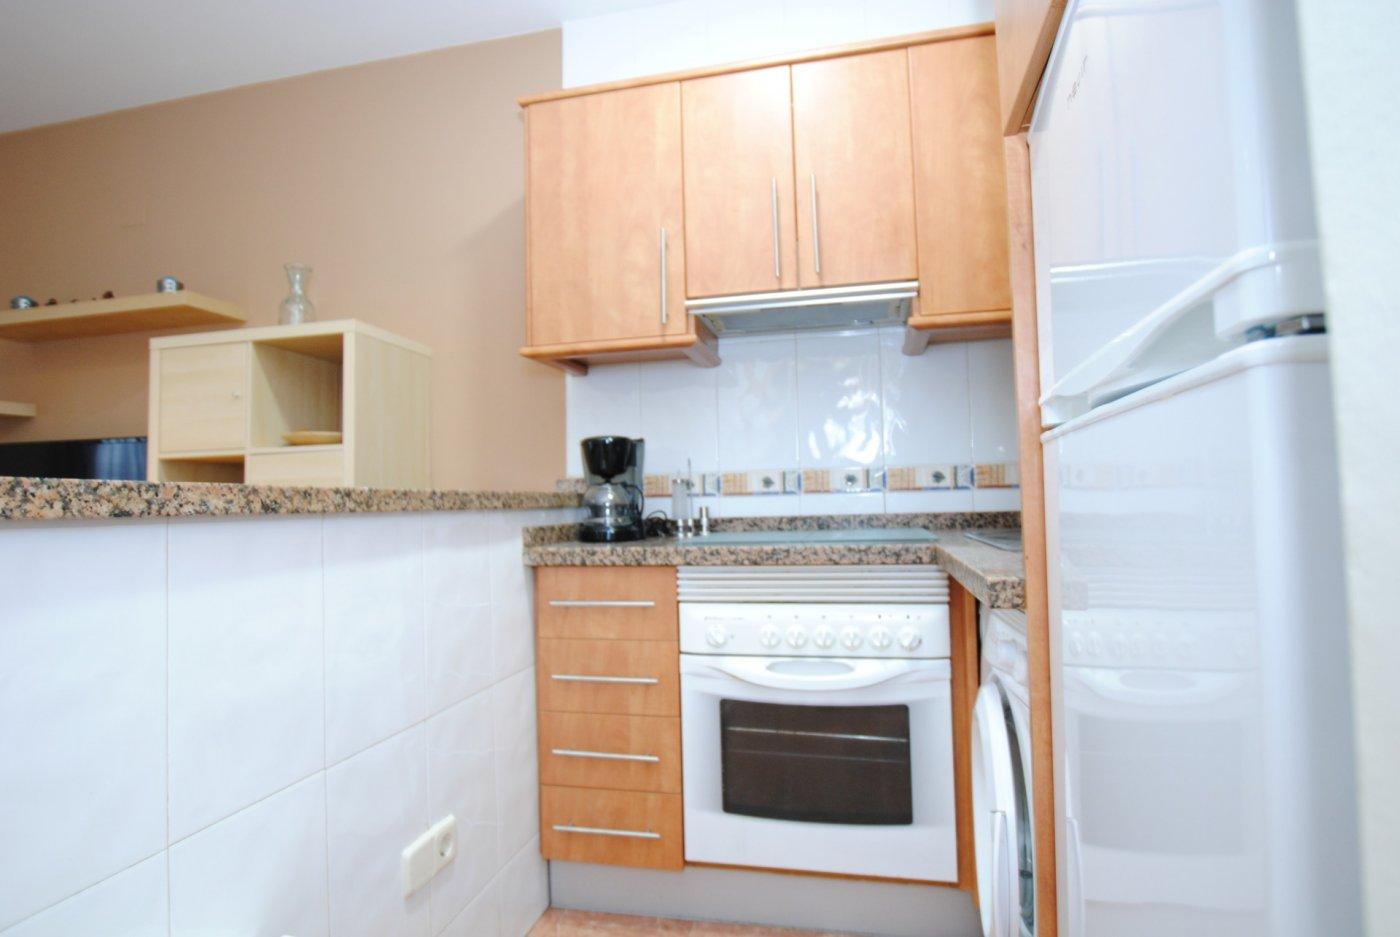 Apartamento en 2 linea de playa!!! - imagenInmueble8